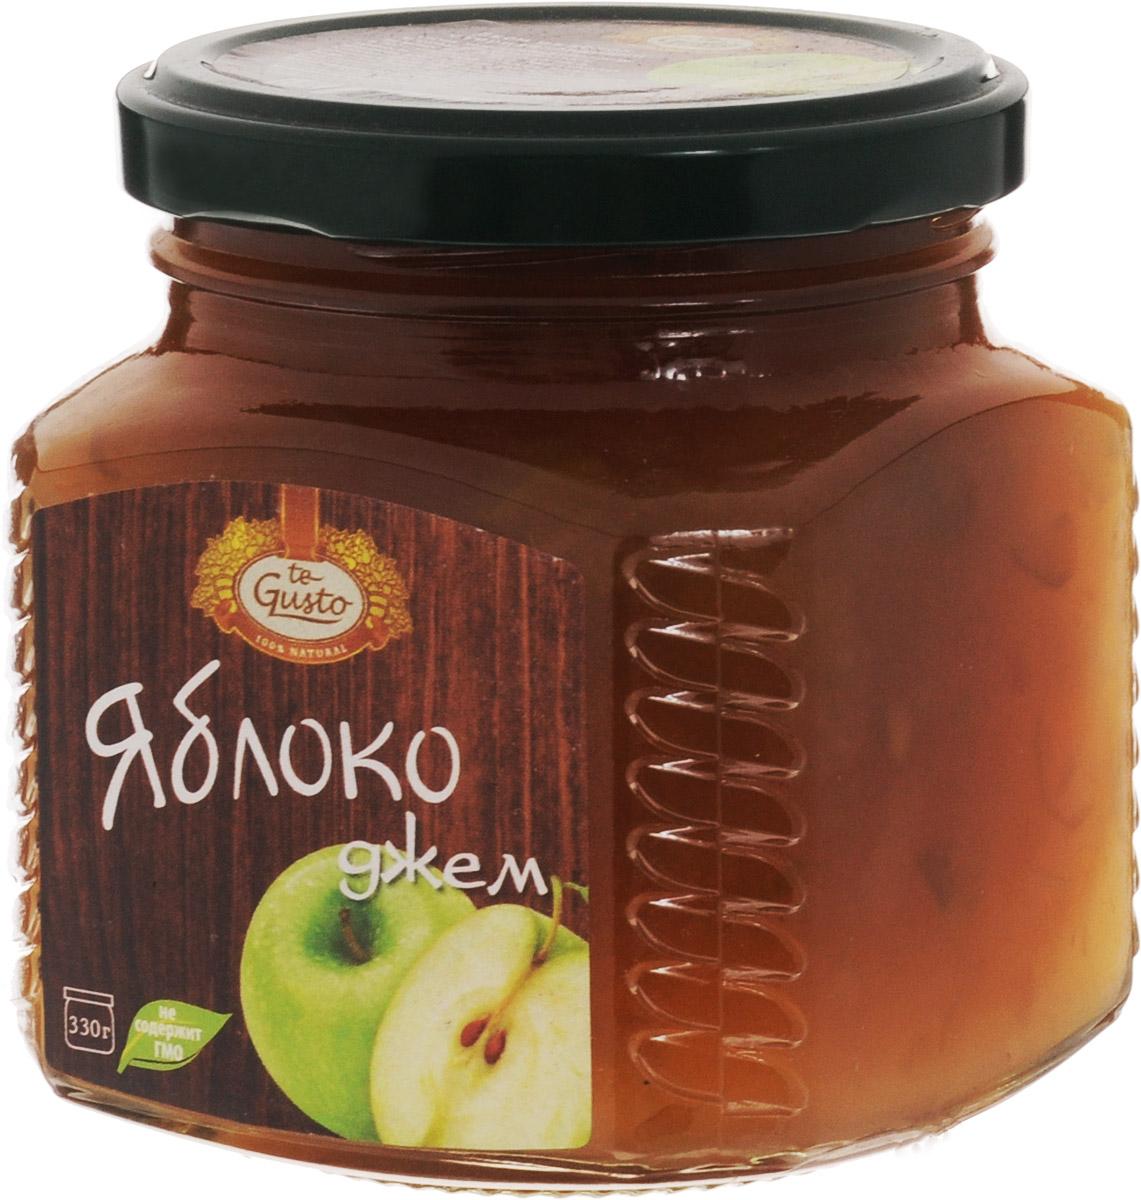 te Gusto Джем из яблок, 330 г4657155301283Ароматный джем  te Gusto сварен из яблок, имеет желеобразную консистенцию с крупными кусочками фруктов. Для приготовления используются только свежие, тщательно отобранные плоды, созревшие в экологически чистых местах. Продукт не содержит ГМО. Полезные элементы, которыми богат яблочный джем - это калий и пектин. Калий полезен для мочевыводящей системы и сердца, а пектин нормализует уровень холестерина в организме и способствует выводу вредных веществ.